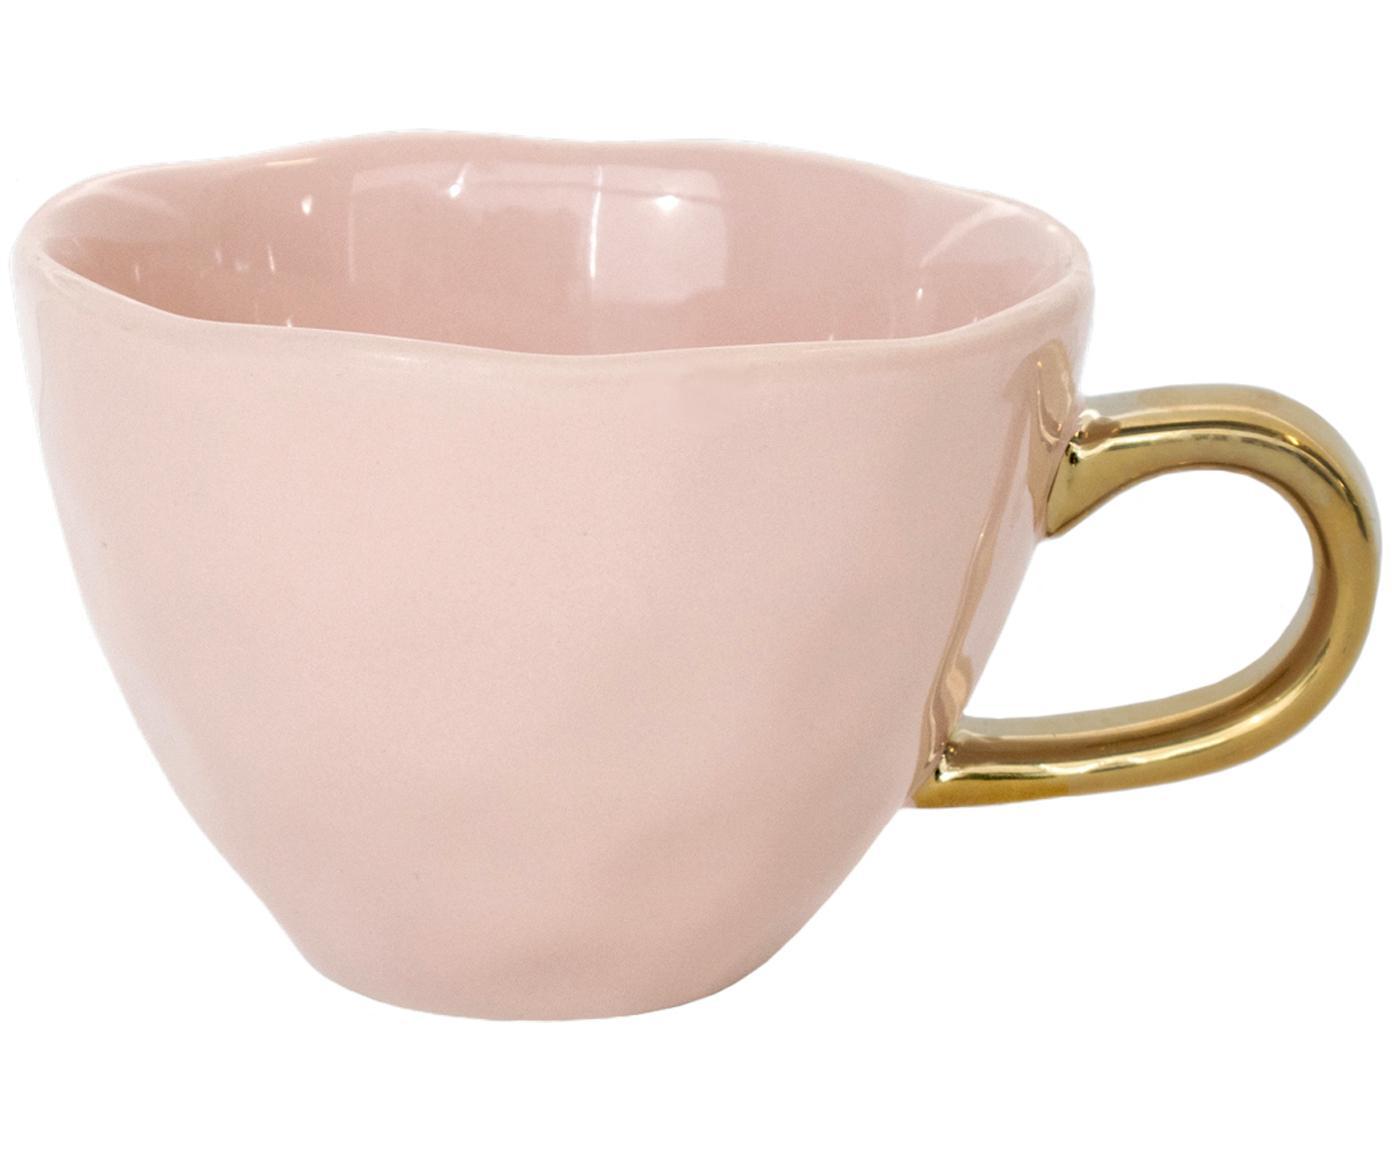 Taza de café Good Morning, Gres, Rosa, dorado, Ø 11 x Al 8 cm